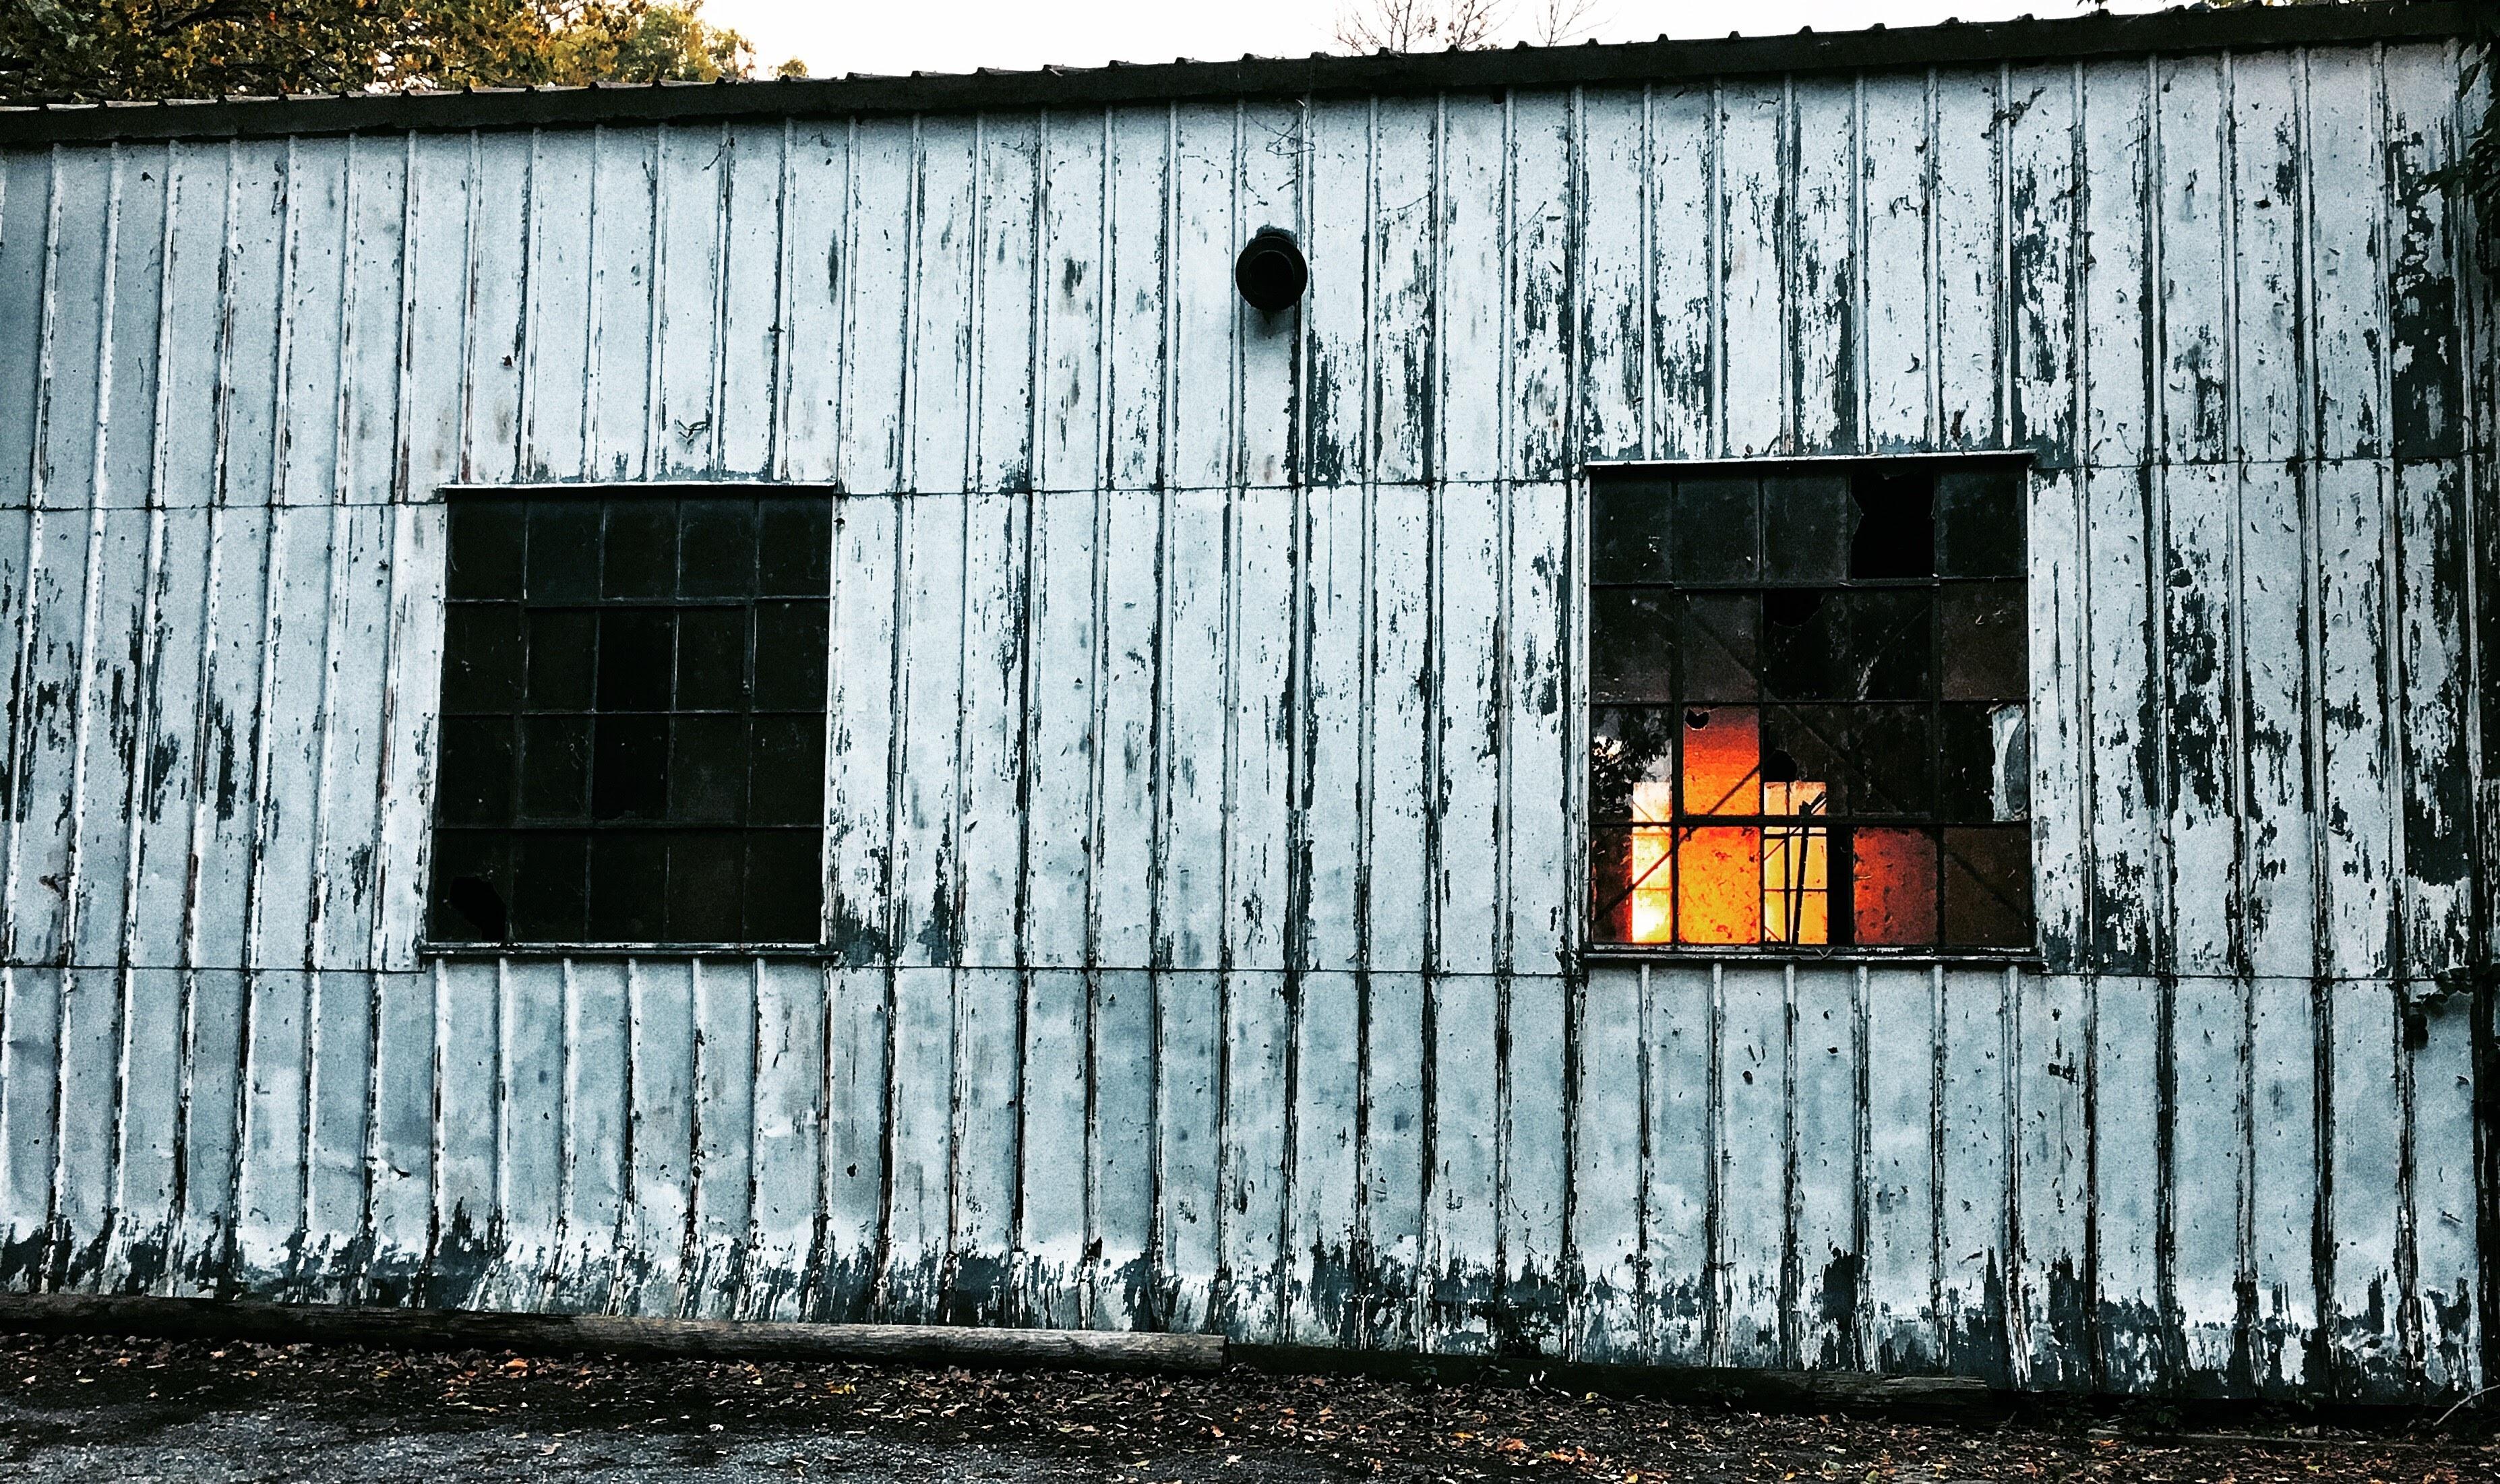 Fotos gratis : casa, ventana, granero, pared, choza, fachada ...